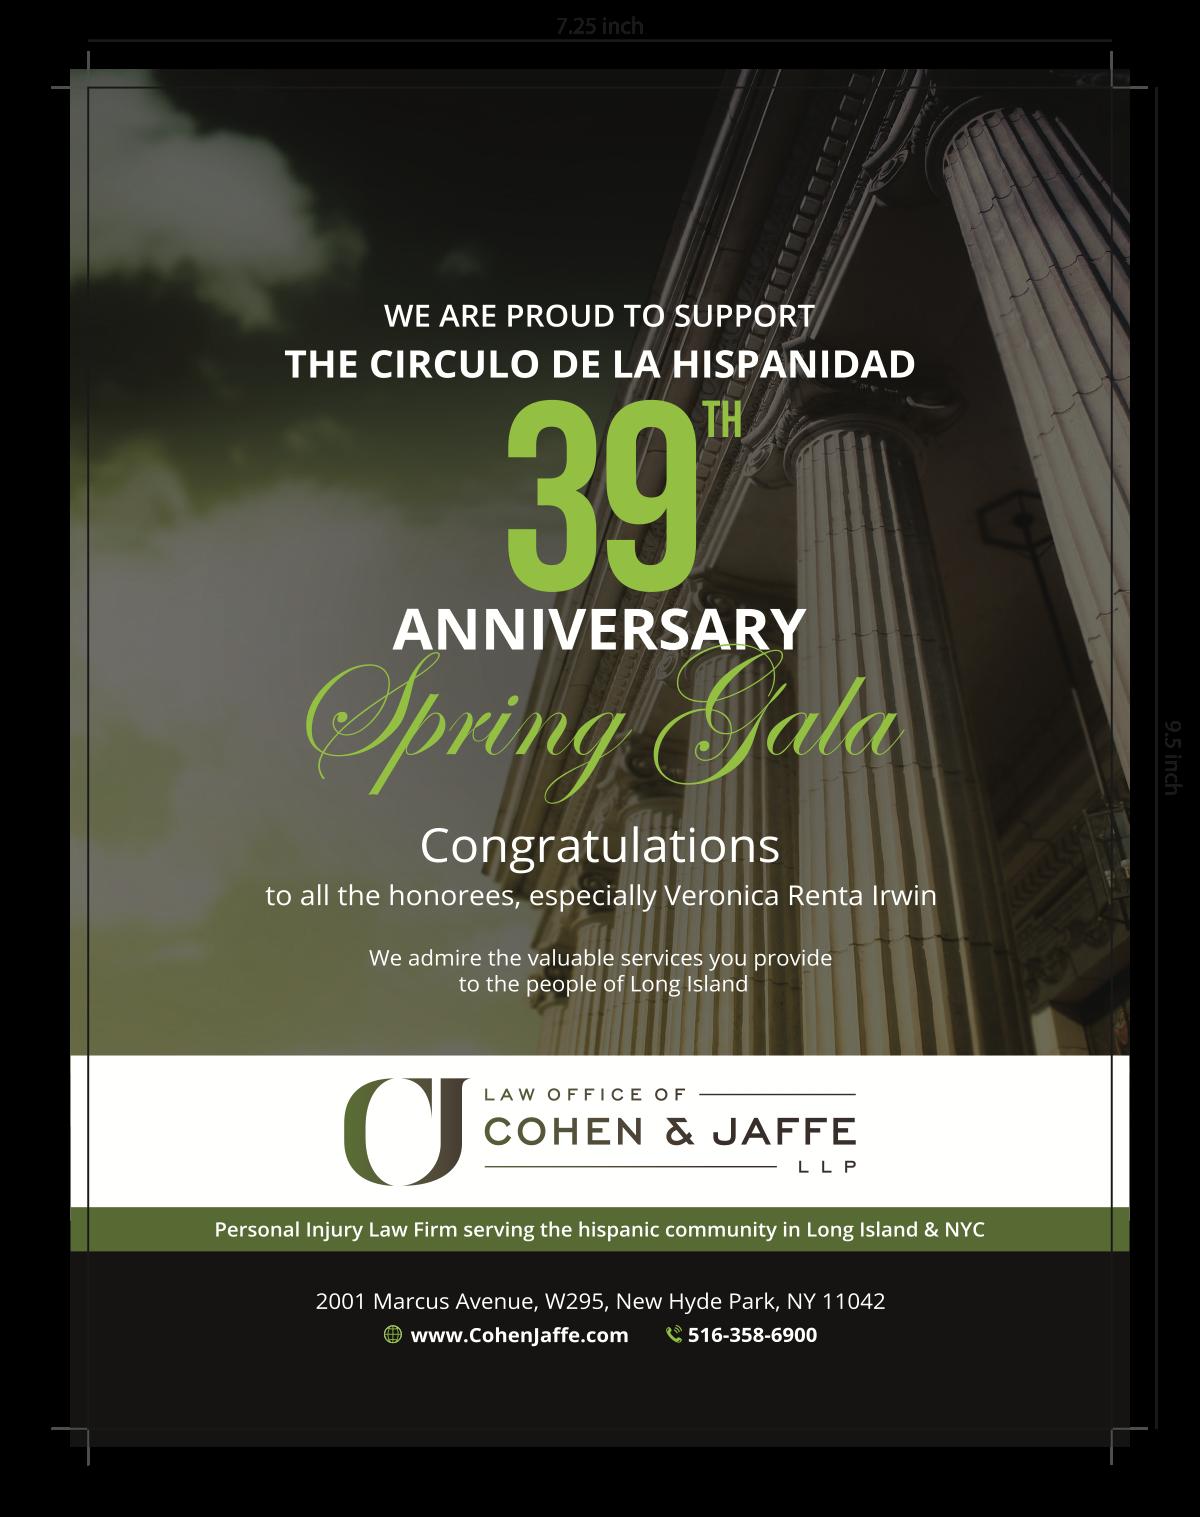 Circulu de la Hispanidad 39th Anniversary Spring Gala